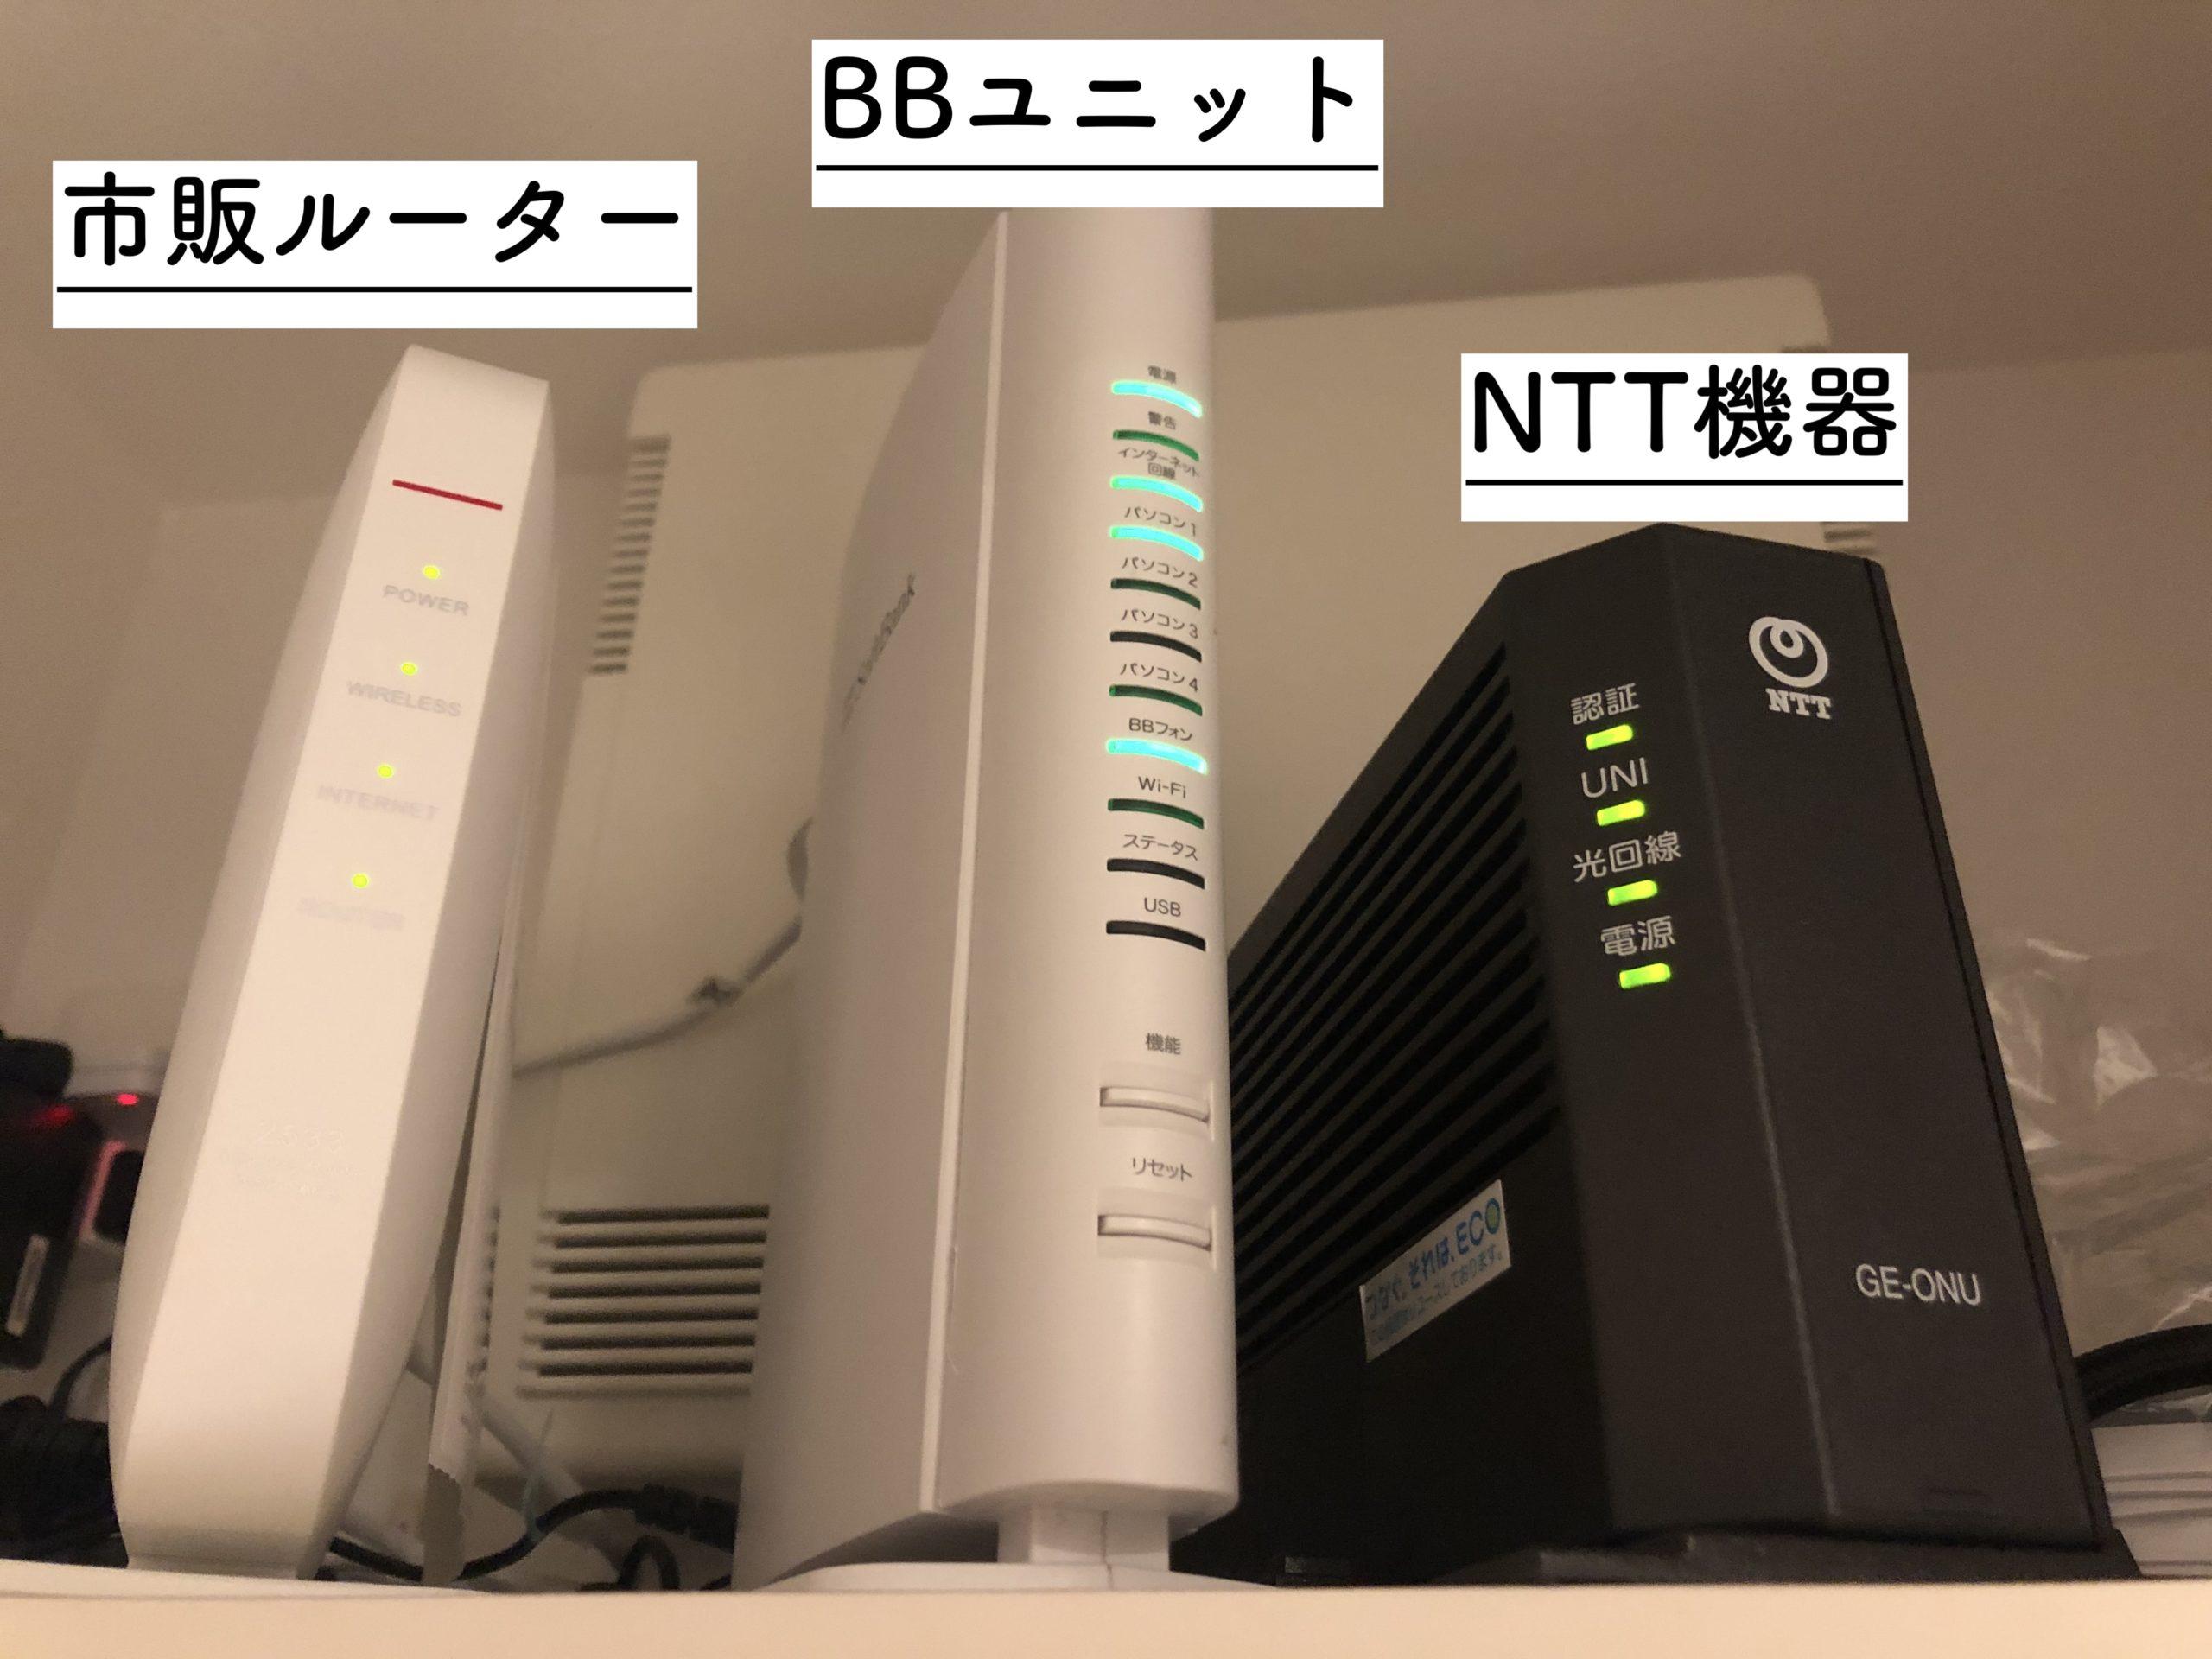 ソフトバンク 光 無線 ルーター